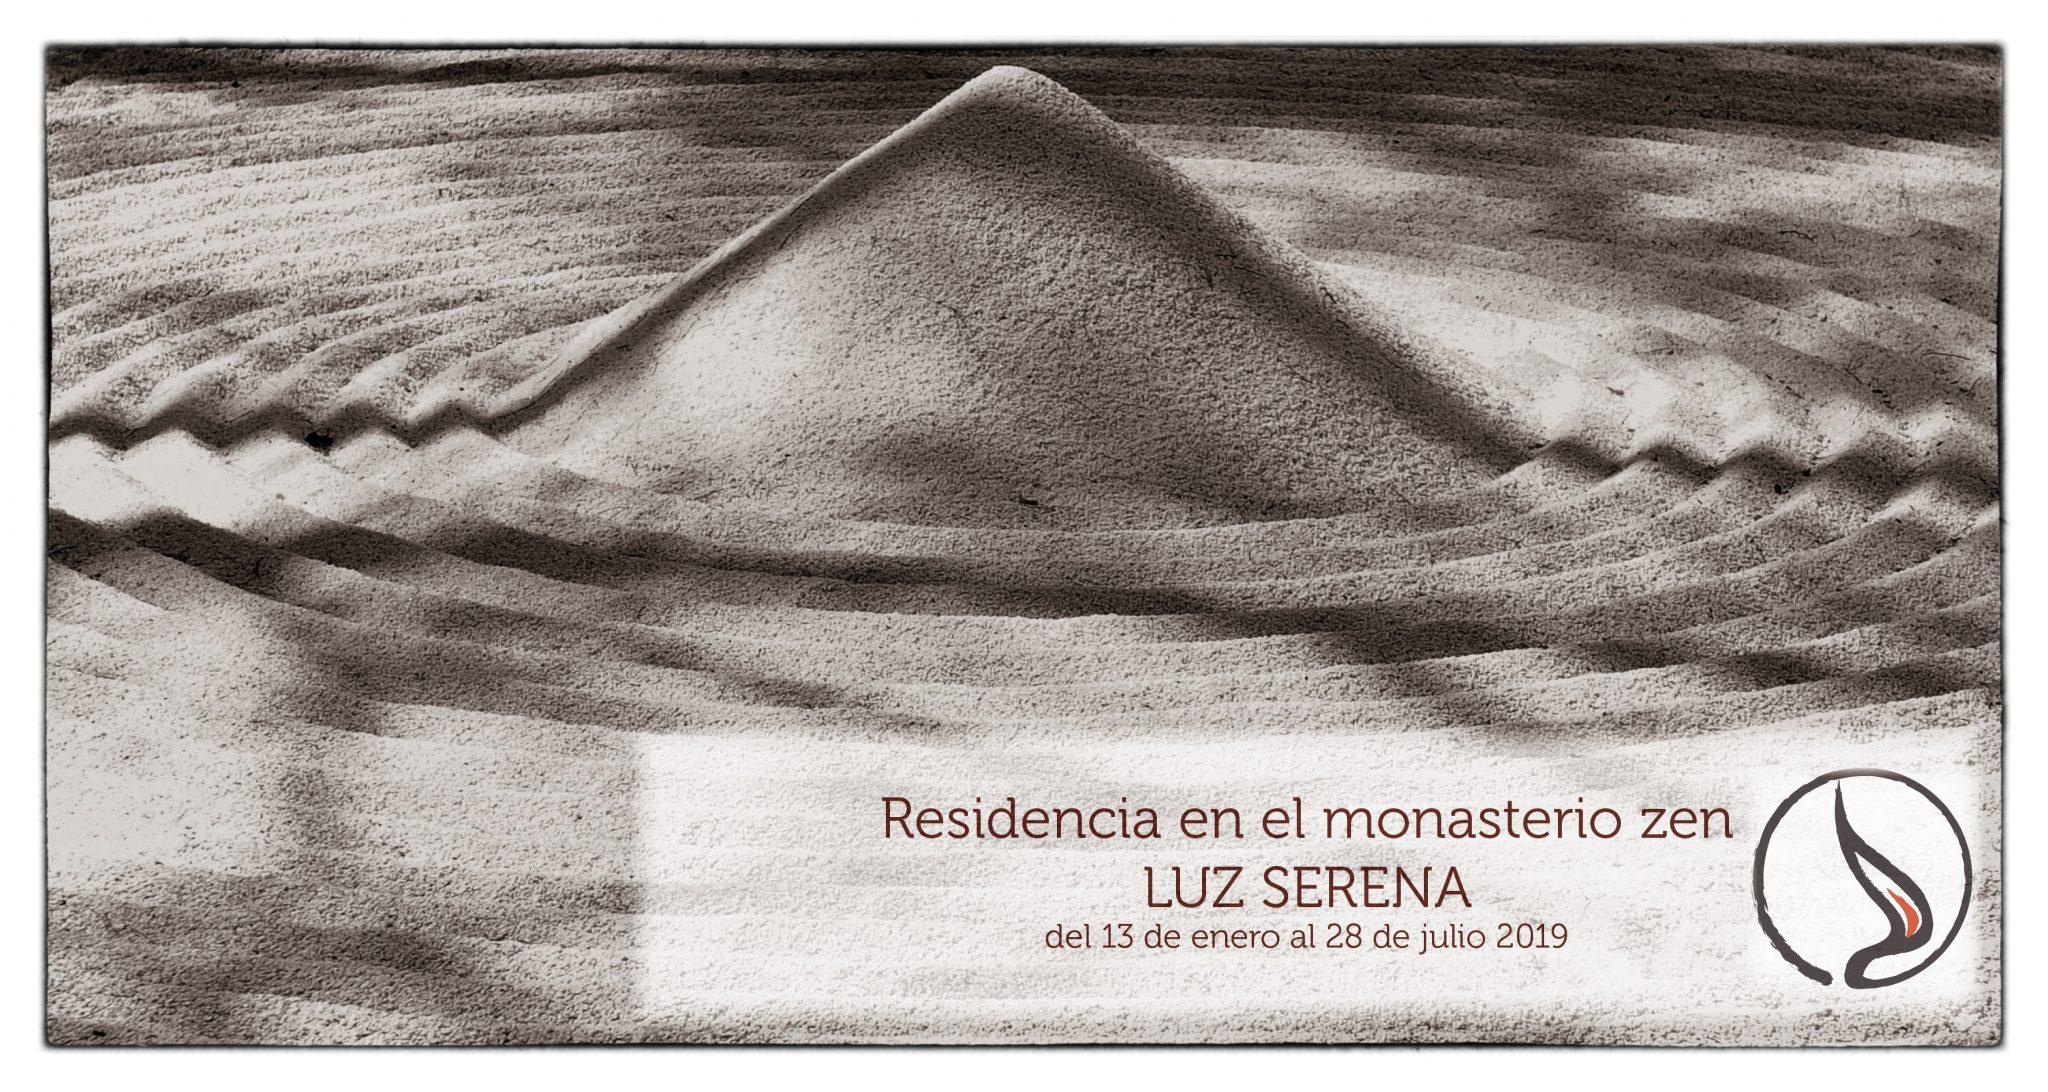 Vivir en el monasterio zen Luz Serena